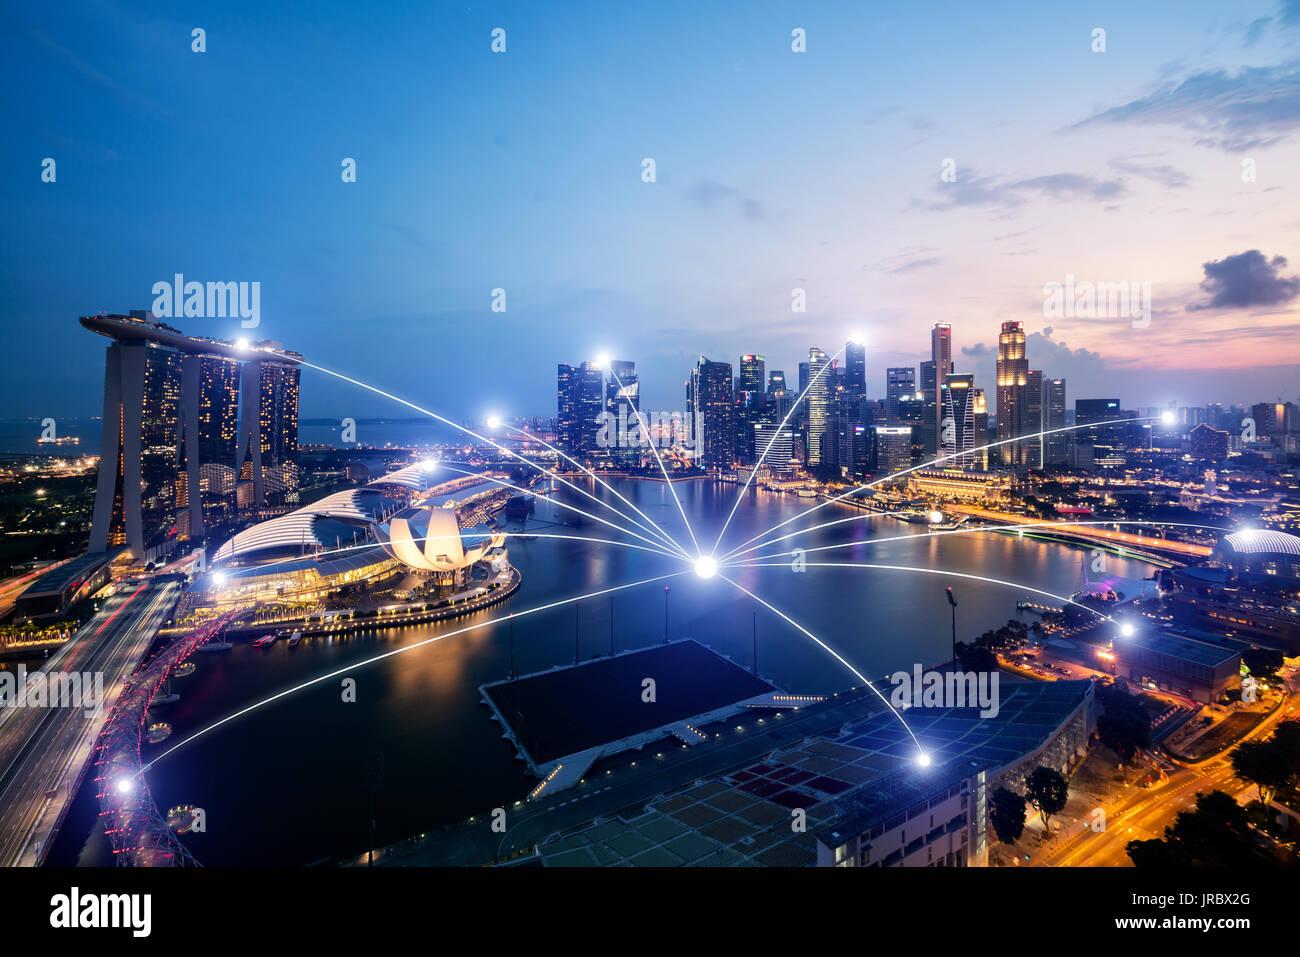 Red del sistema de conexión de negocios en Singapur el smart city scape en negocios background.Network conection concepto Imagen De Stock